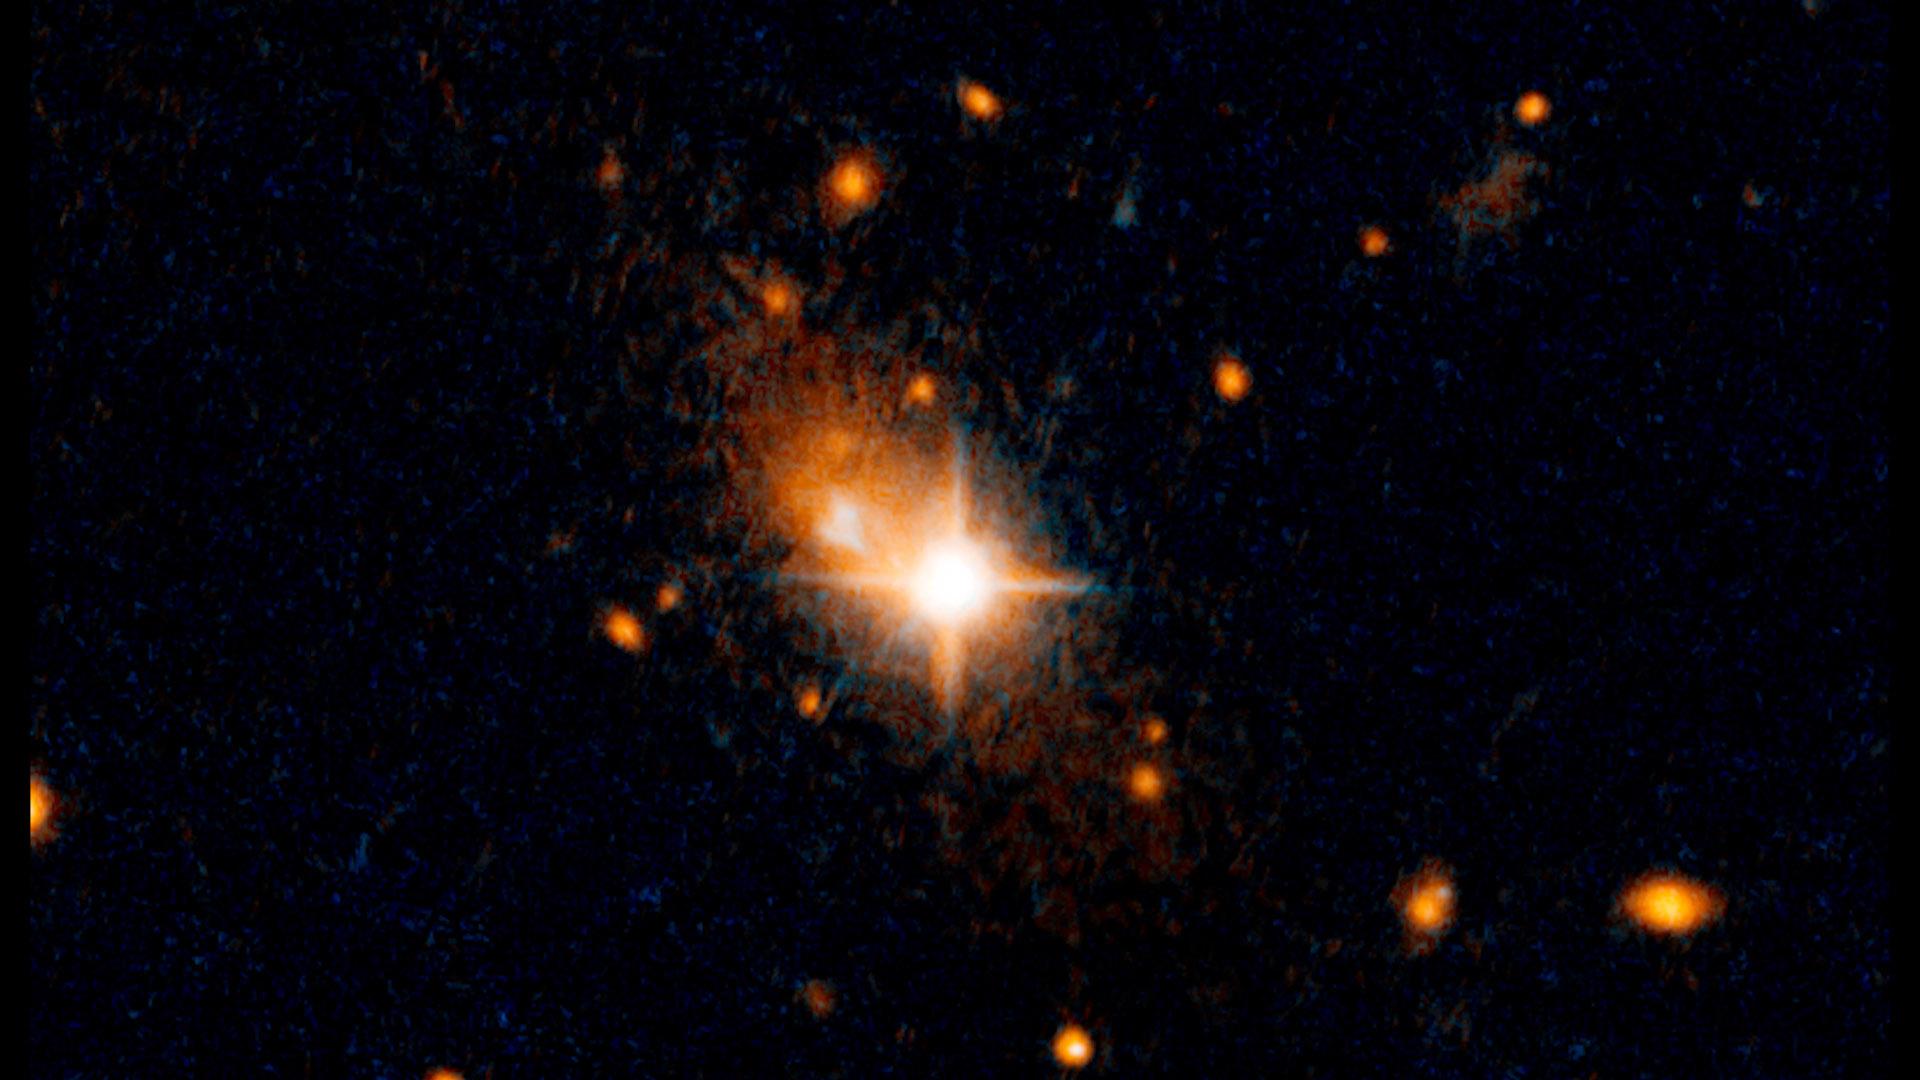 Real black hole hubble